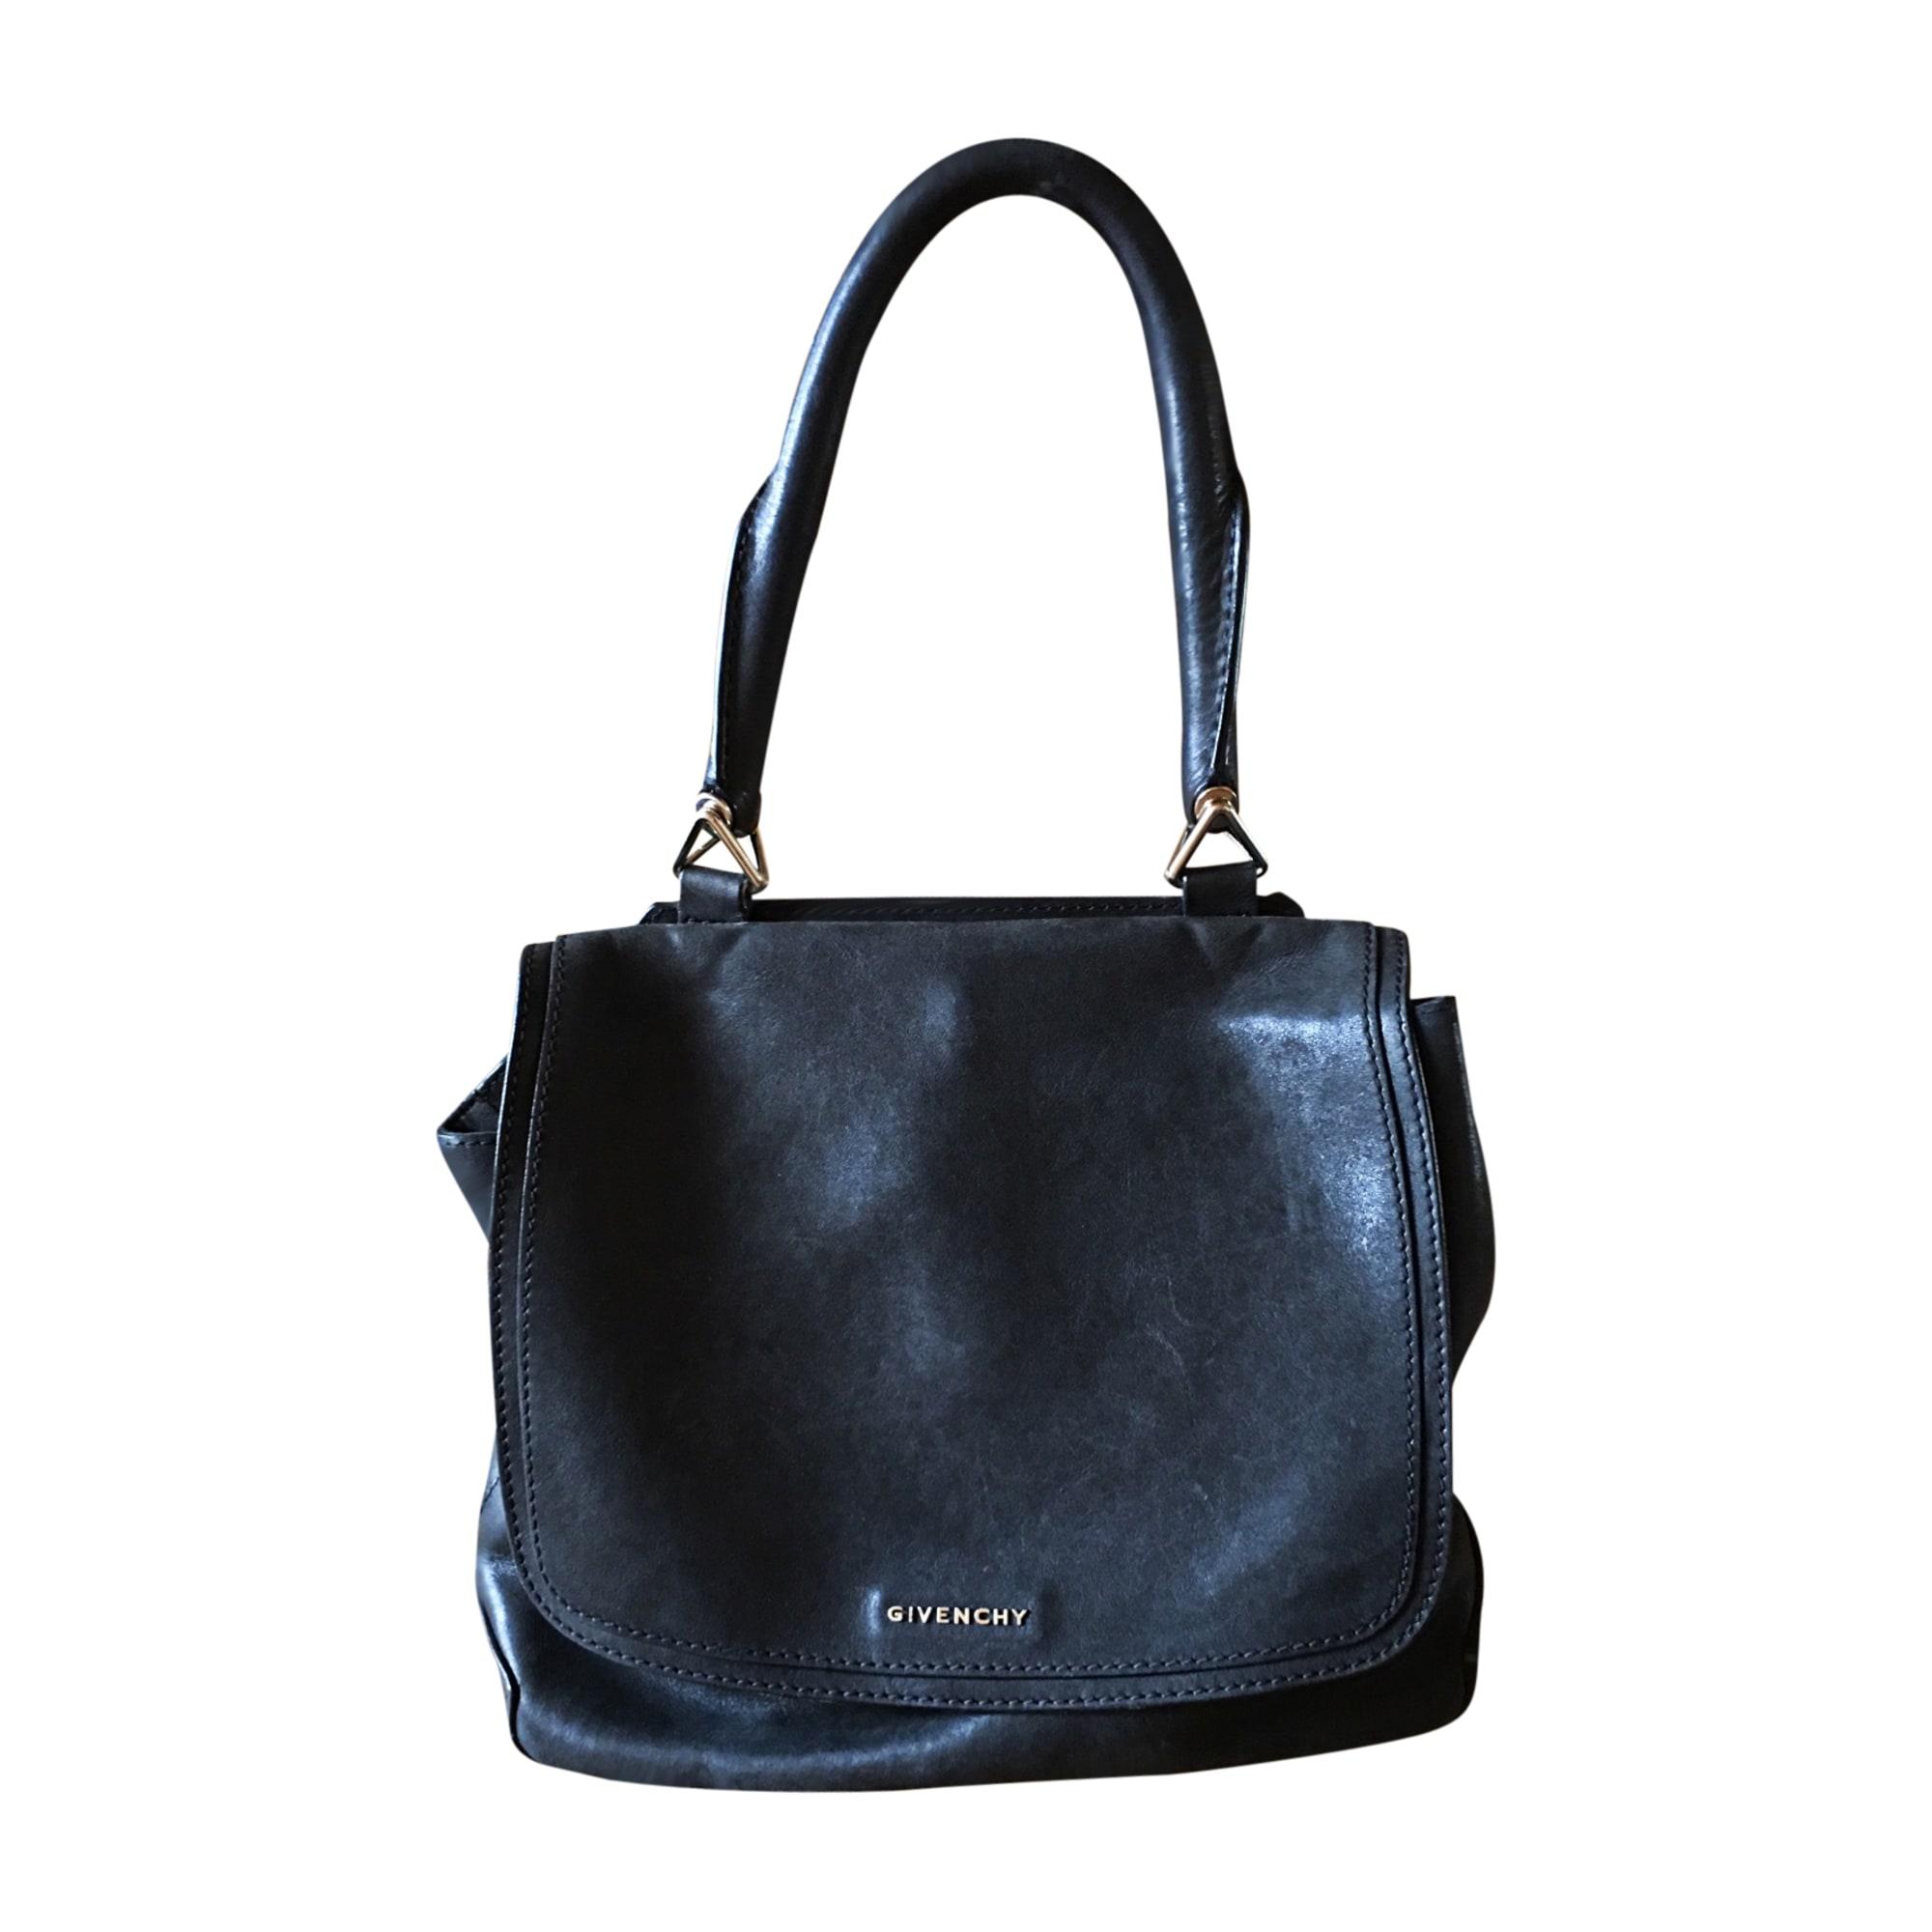 Givenchy Noir Sac Bandoulière Cuir En 7812065 tvvIpqw